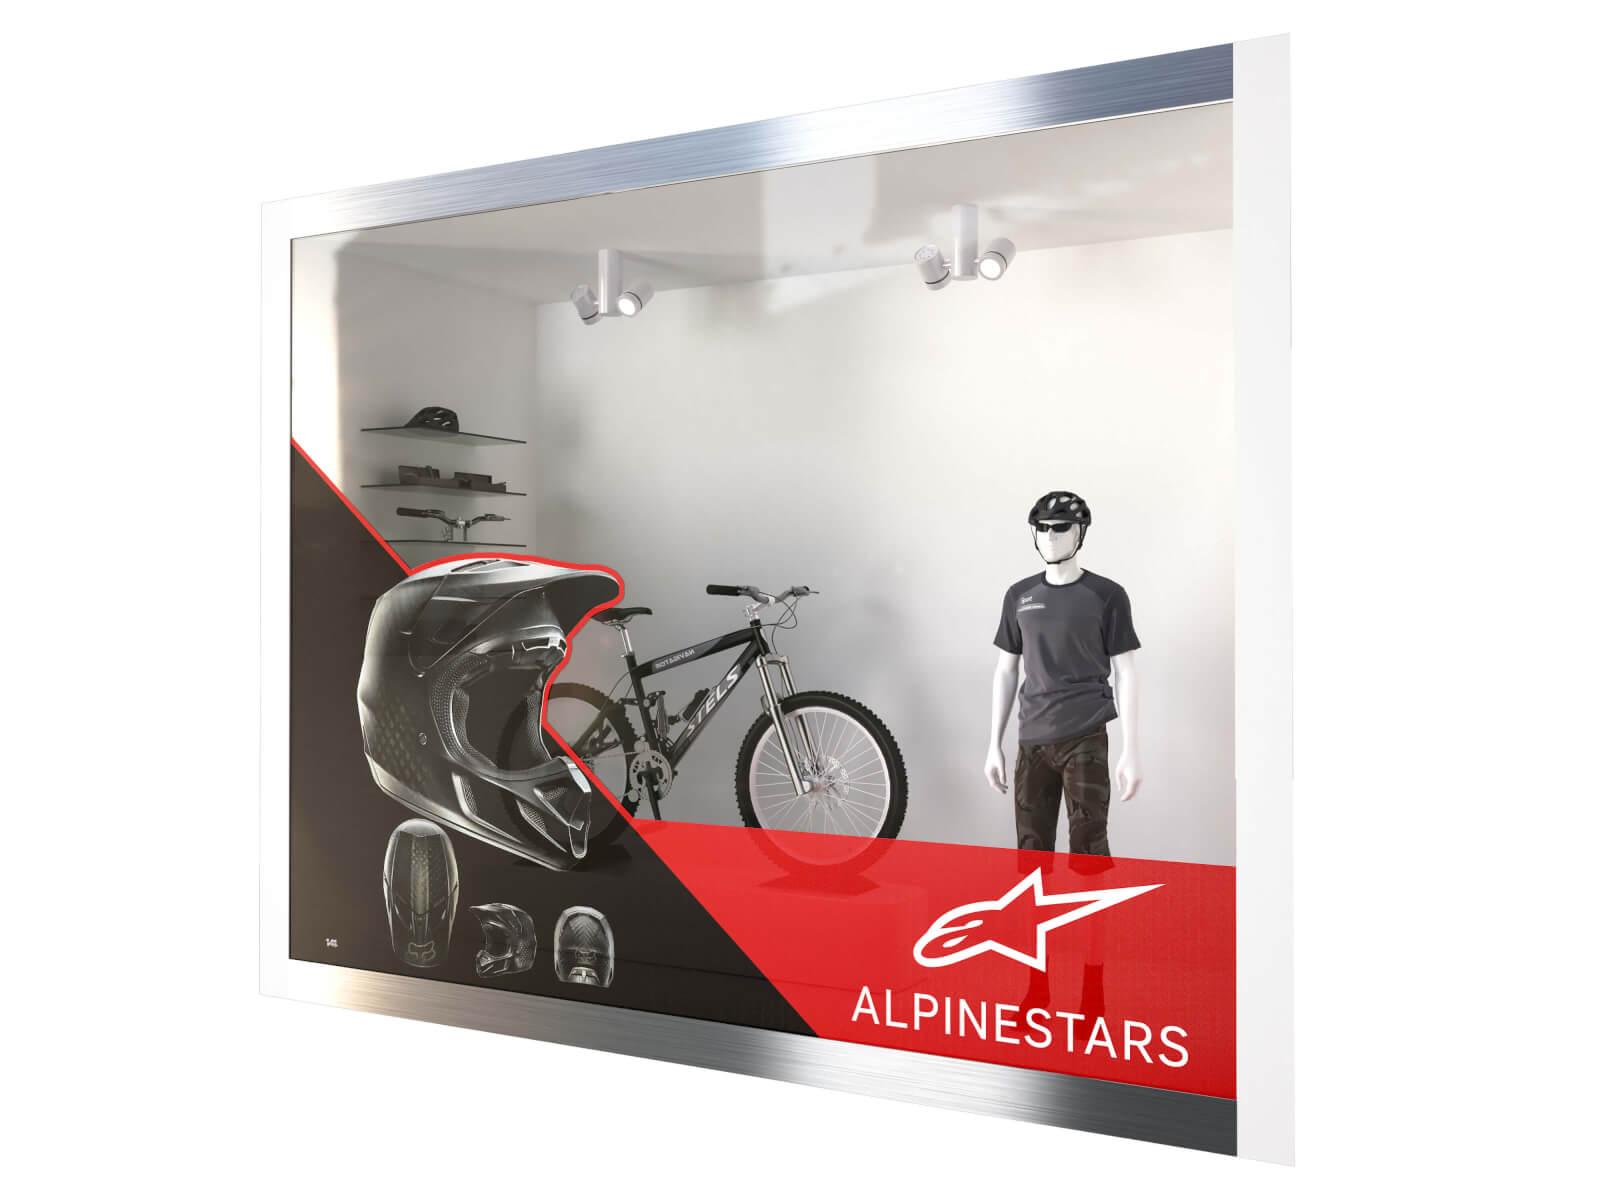 Fönsterdekal One way vision - Referensbild